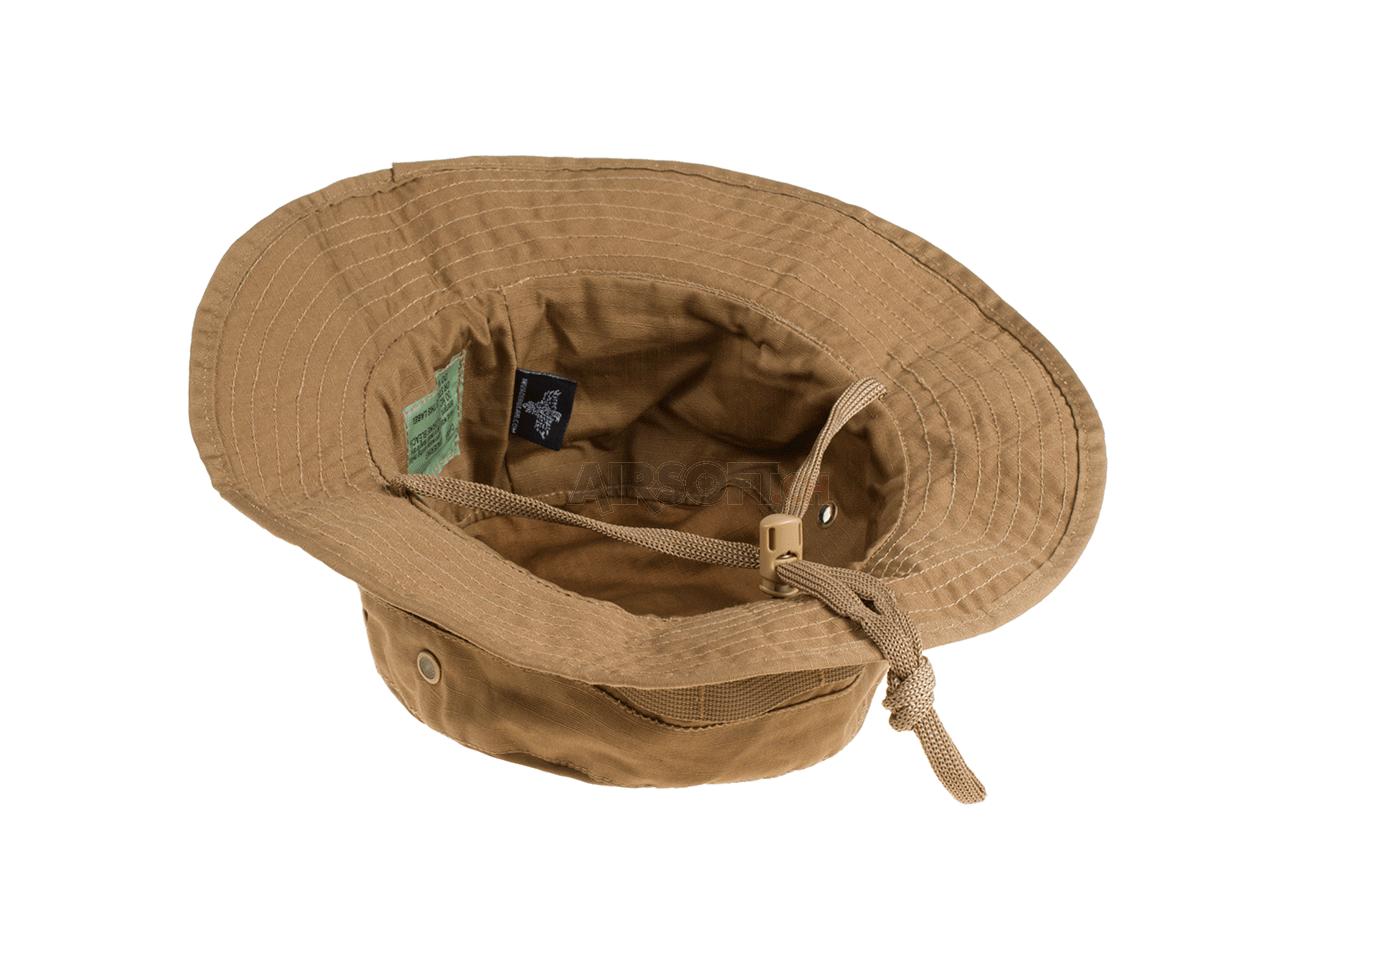 Boonie Hat Coyote (Invader Gear) 59   L - Boonies - Kopfbedeckungen -  Bekleidung - airsoft.ch Onlineshop 705226f63eef